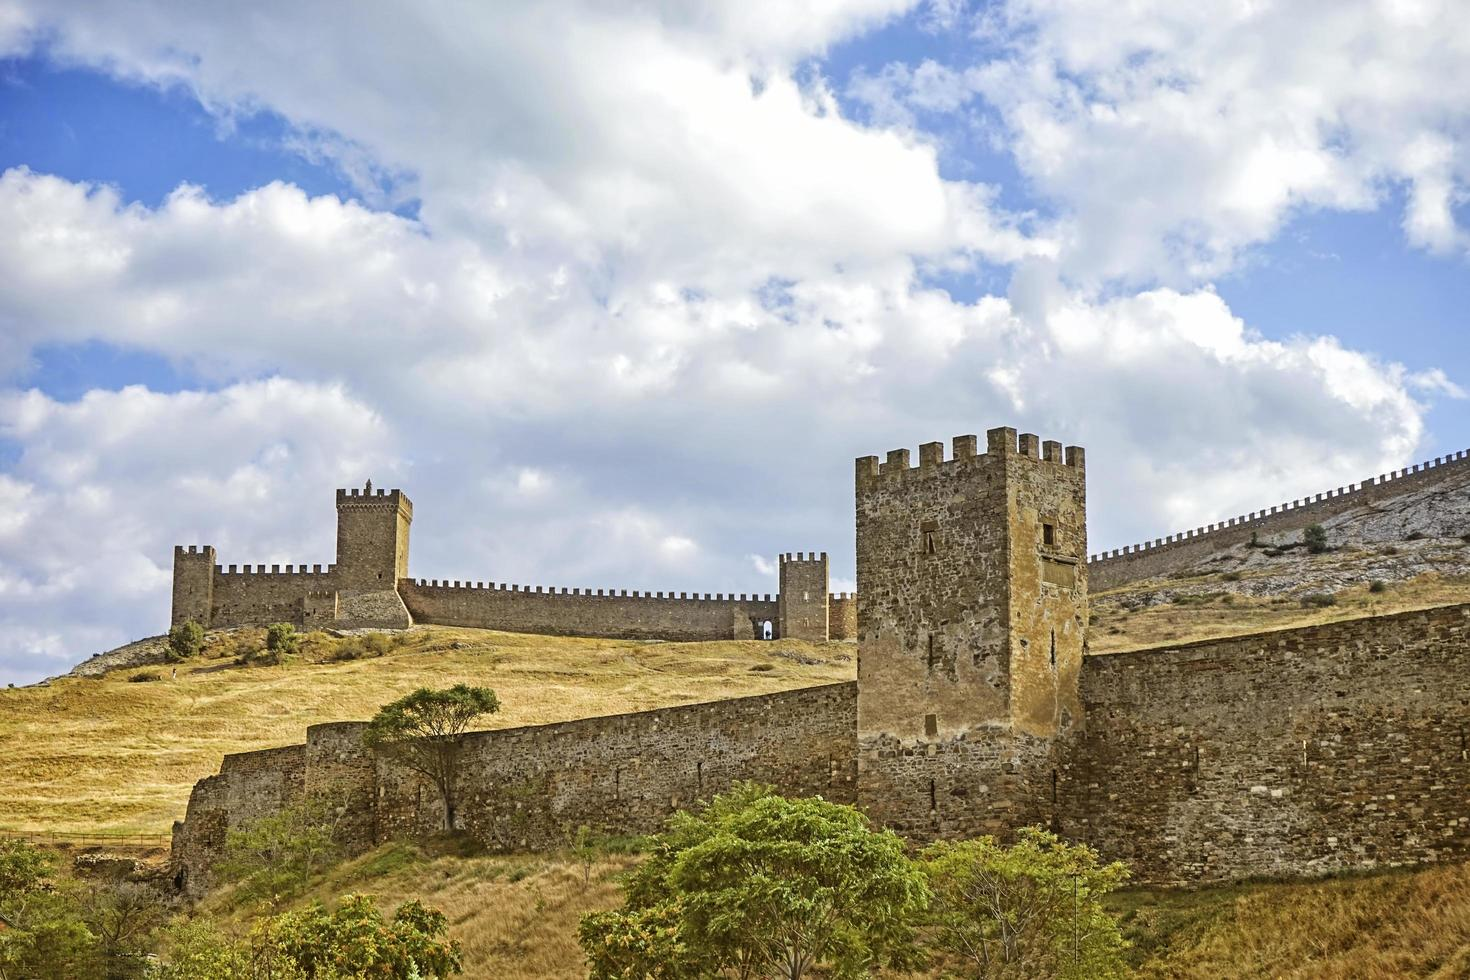 landschap met uitzicht op het genuese fort tegen de hemel. foto